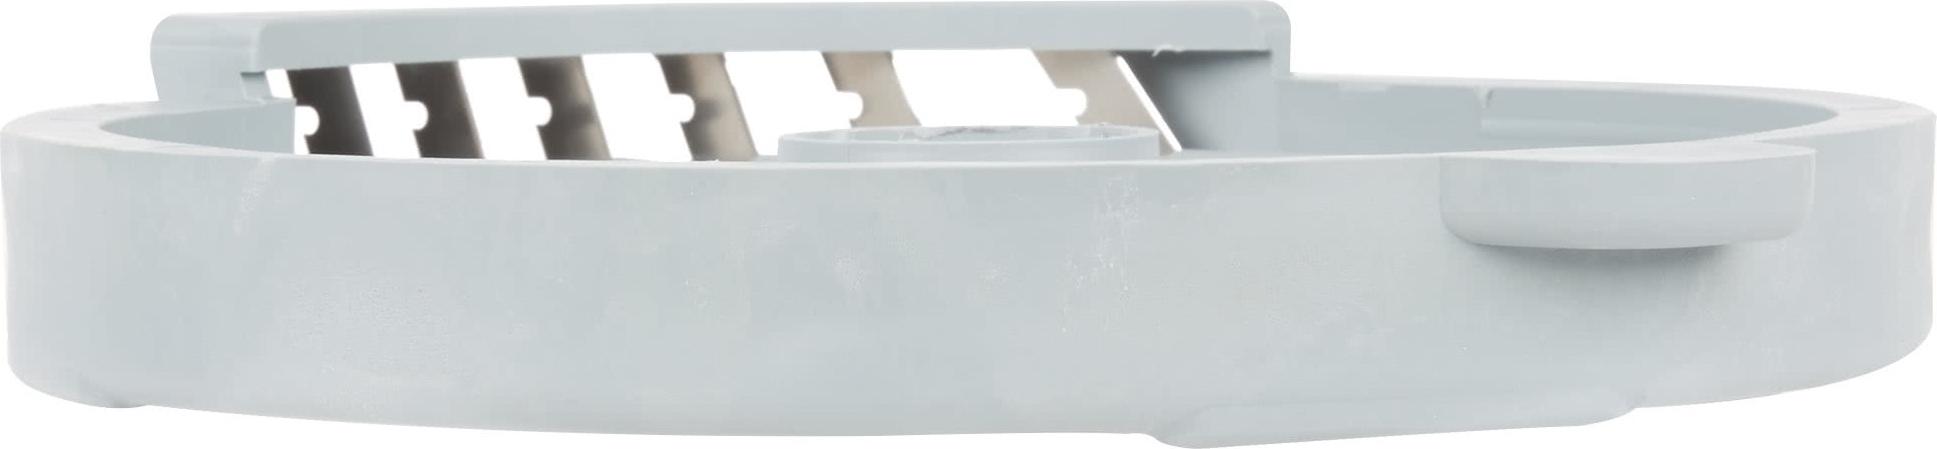 Диск-соломка Robot Coupe 28158(10x16 мм) длякартофеляфри - 4